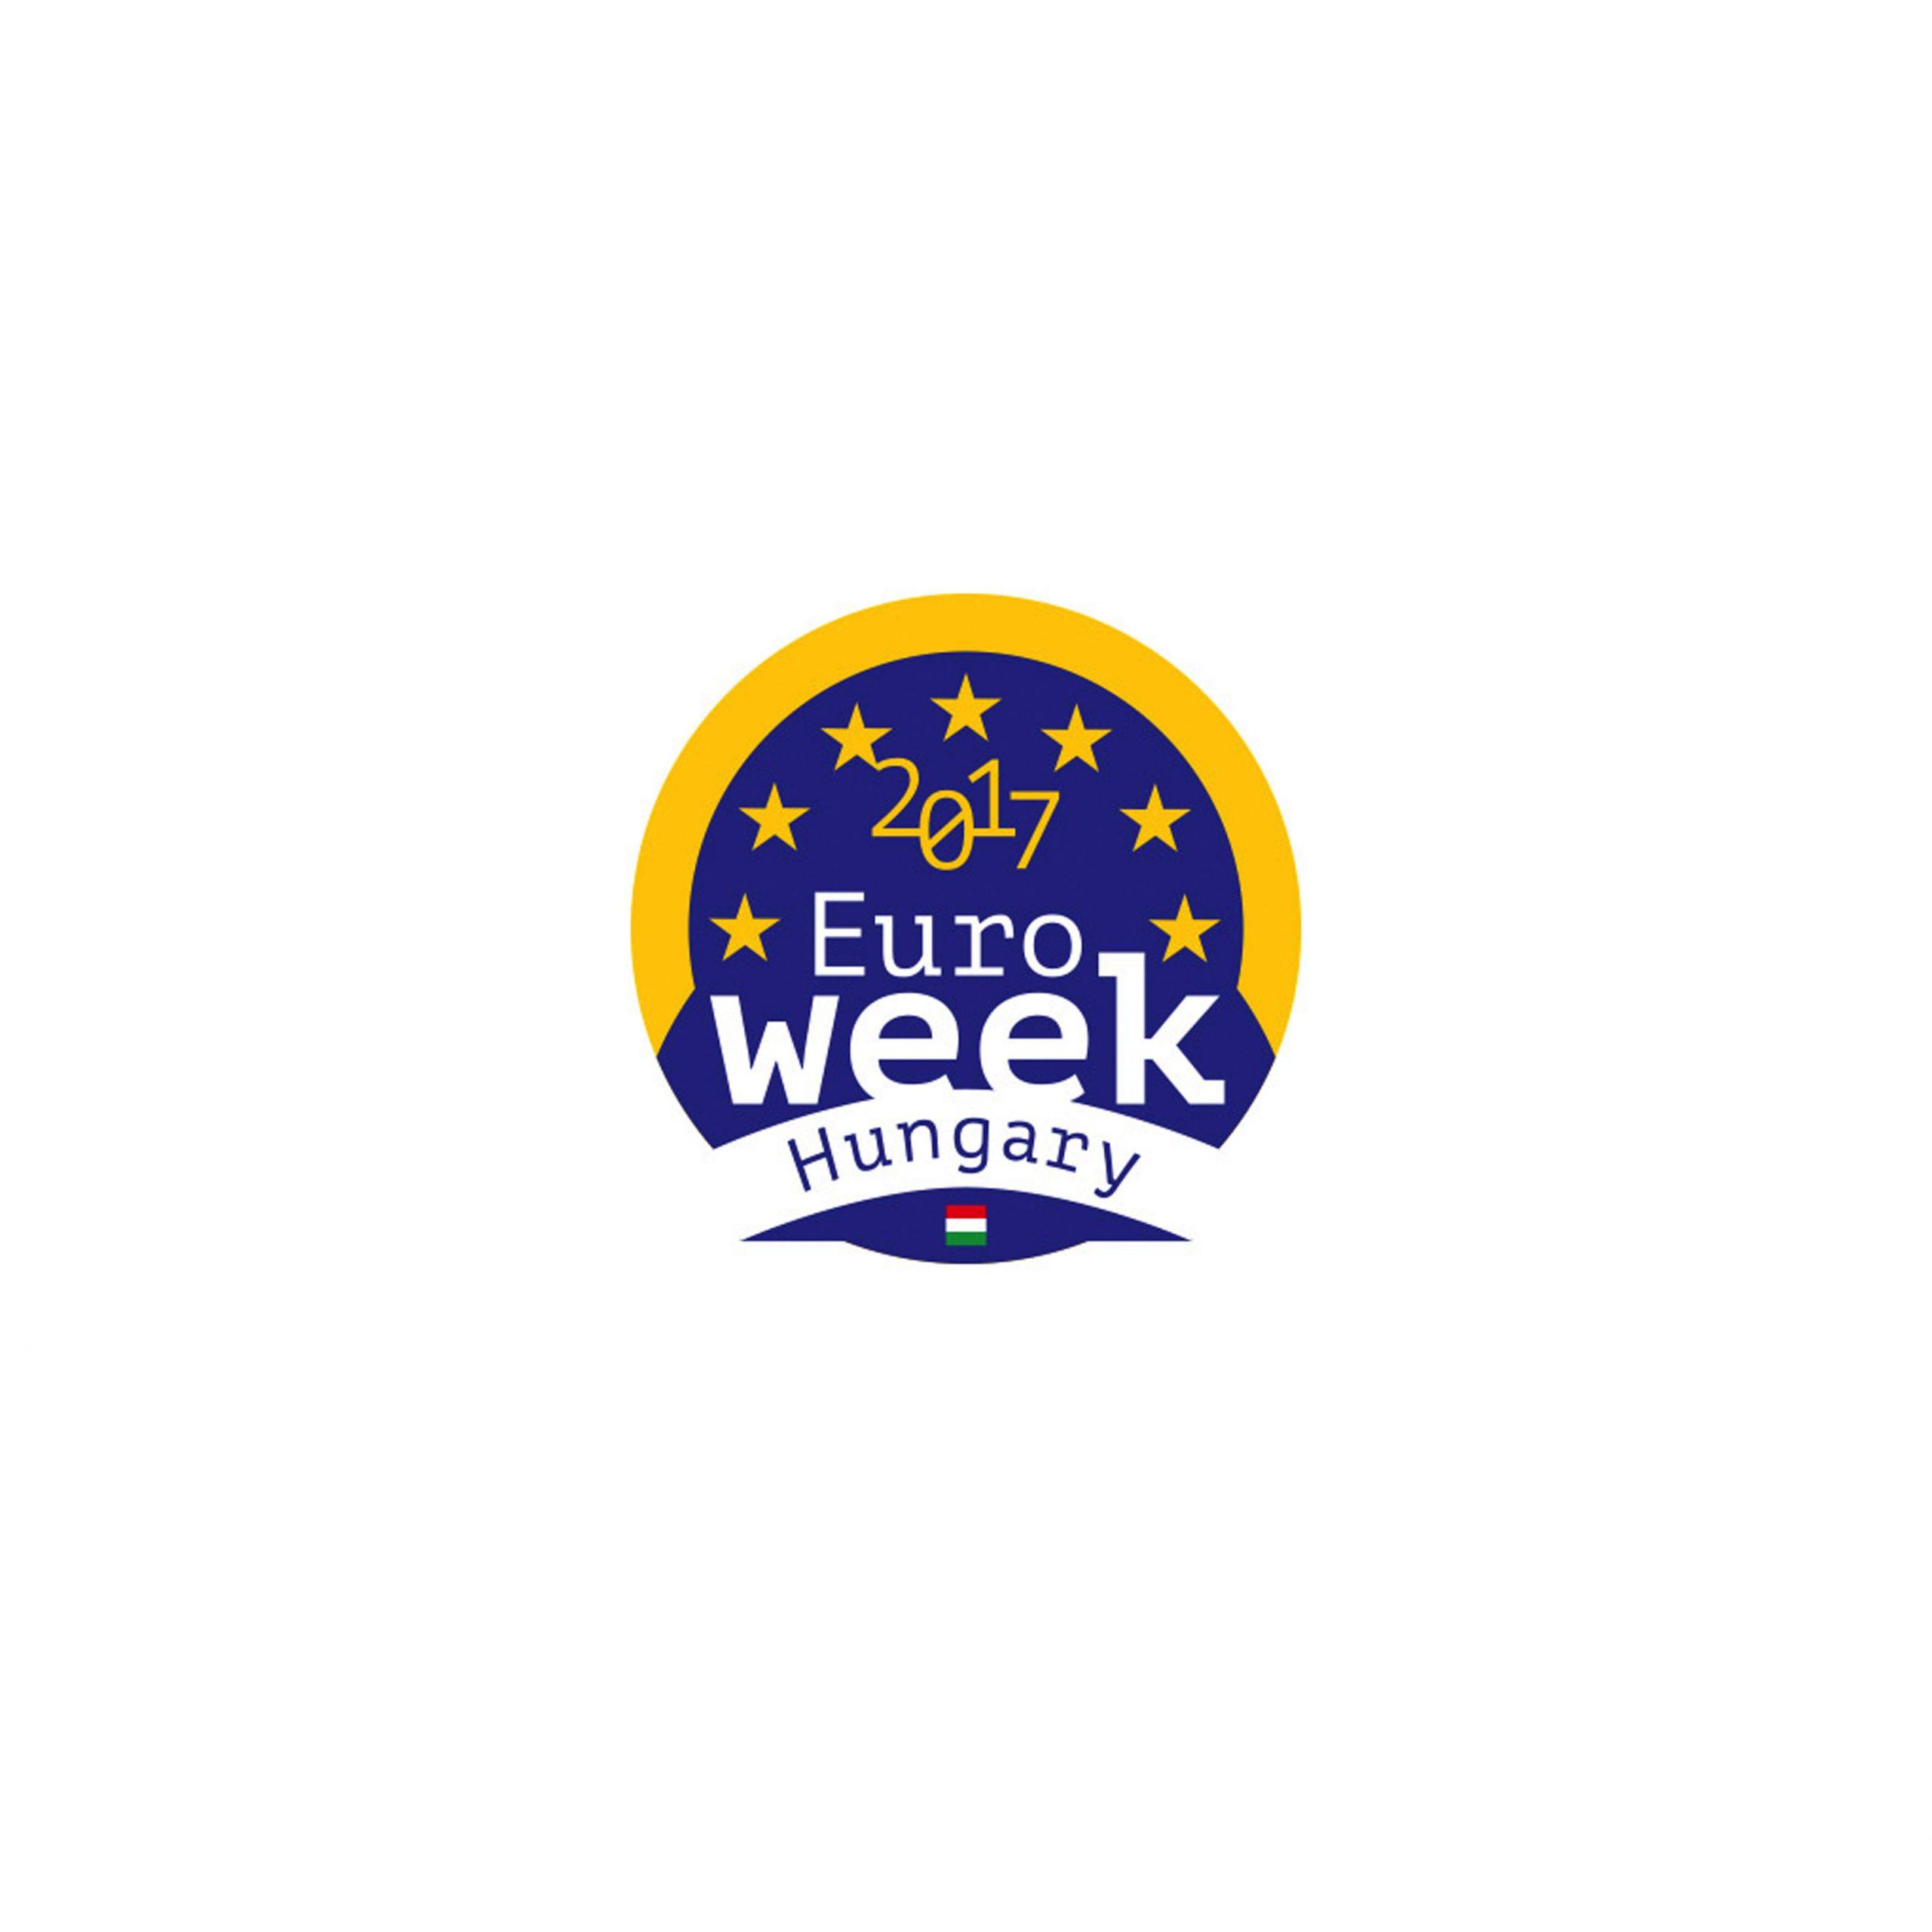 EuroWeek logo